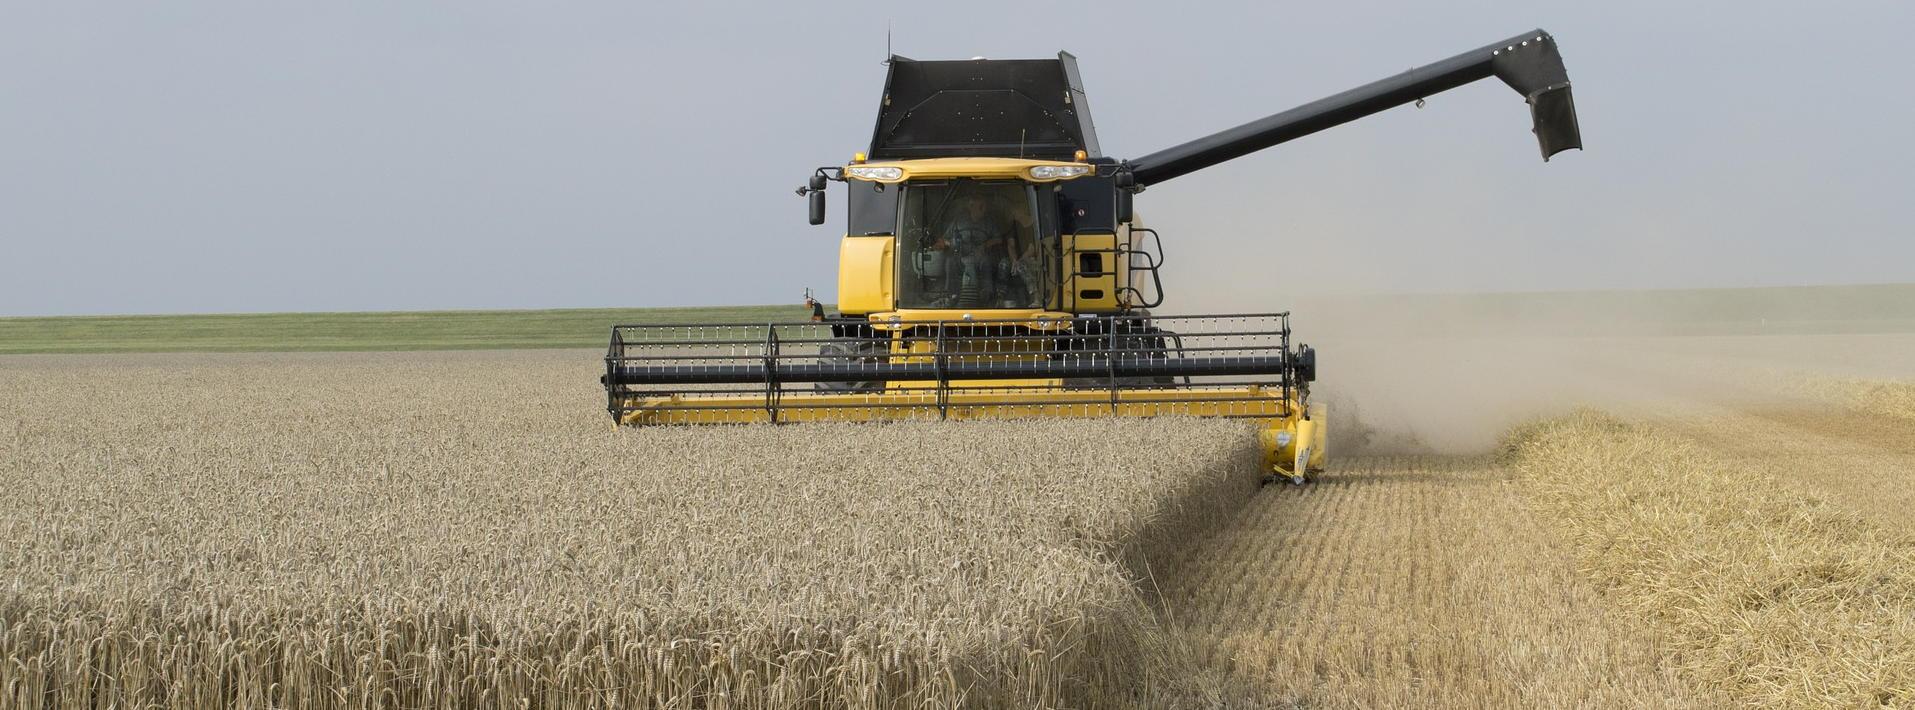 harvest-time-595447_1309